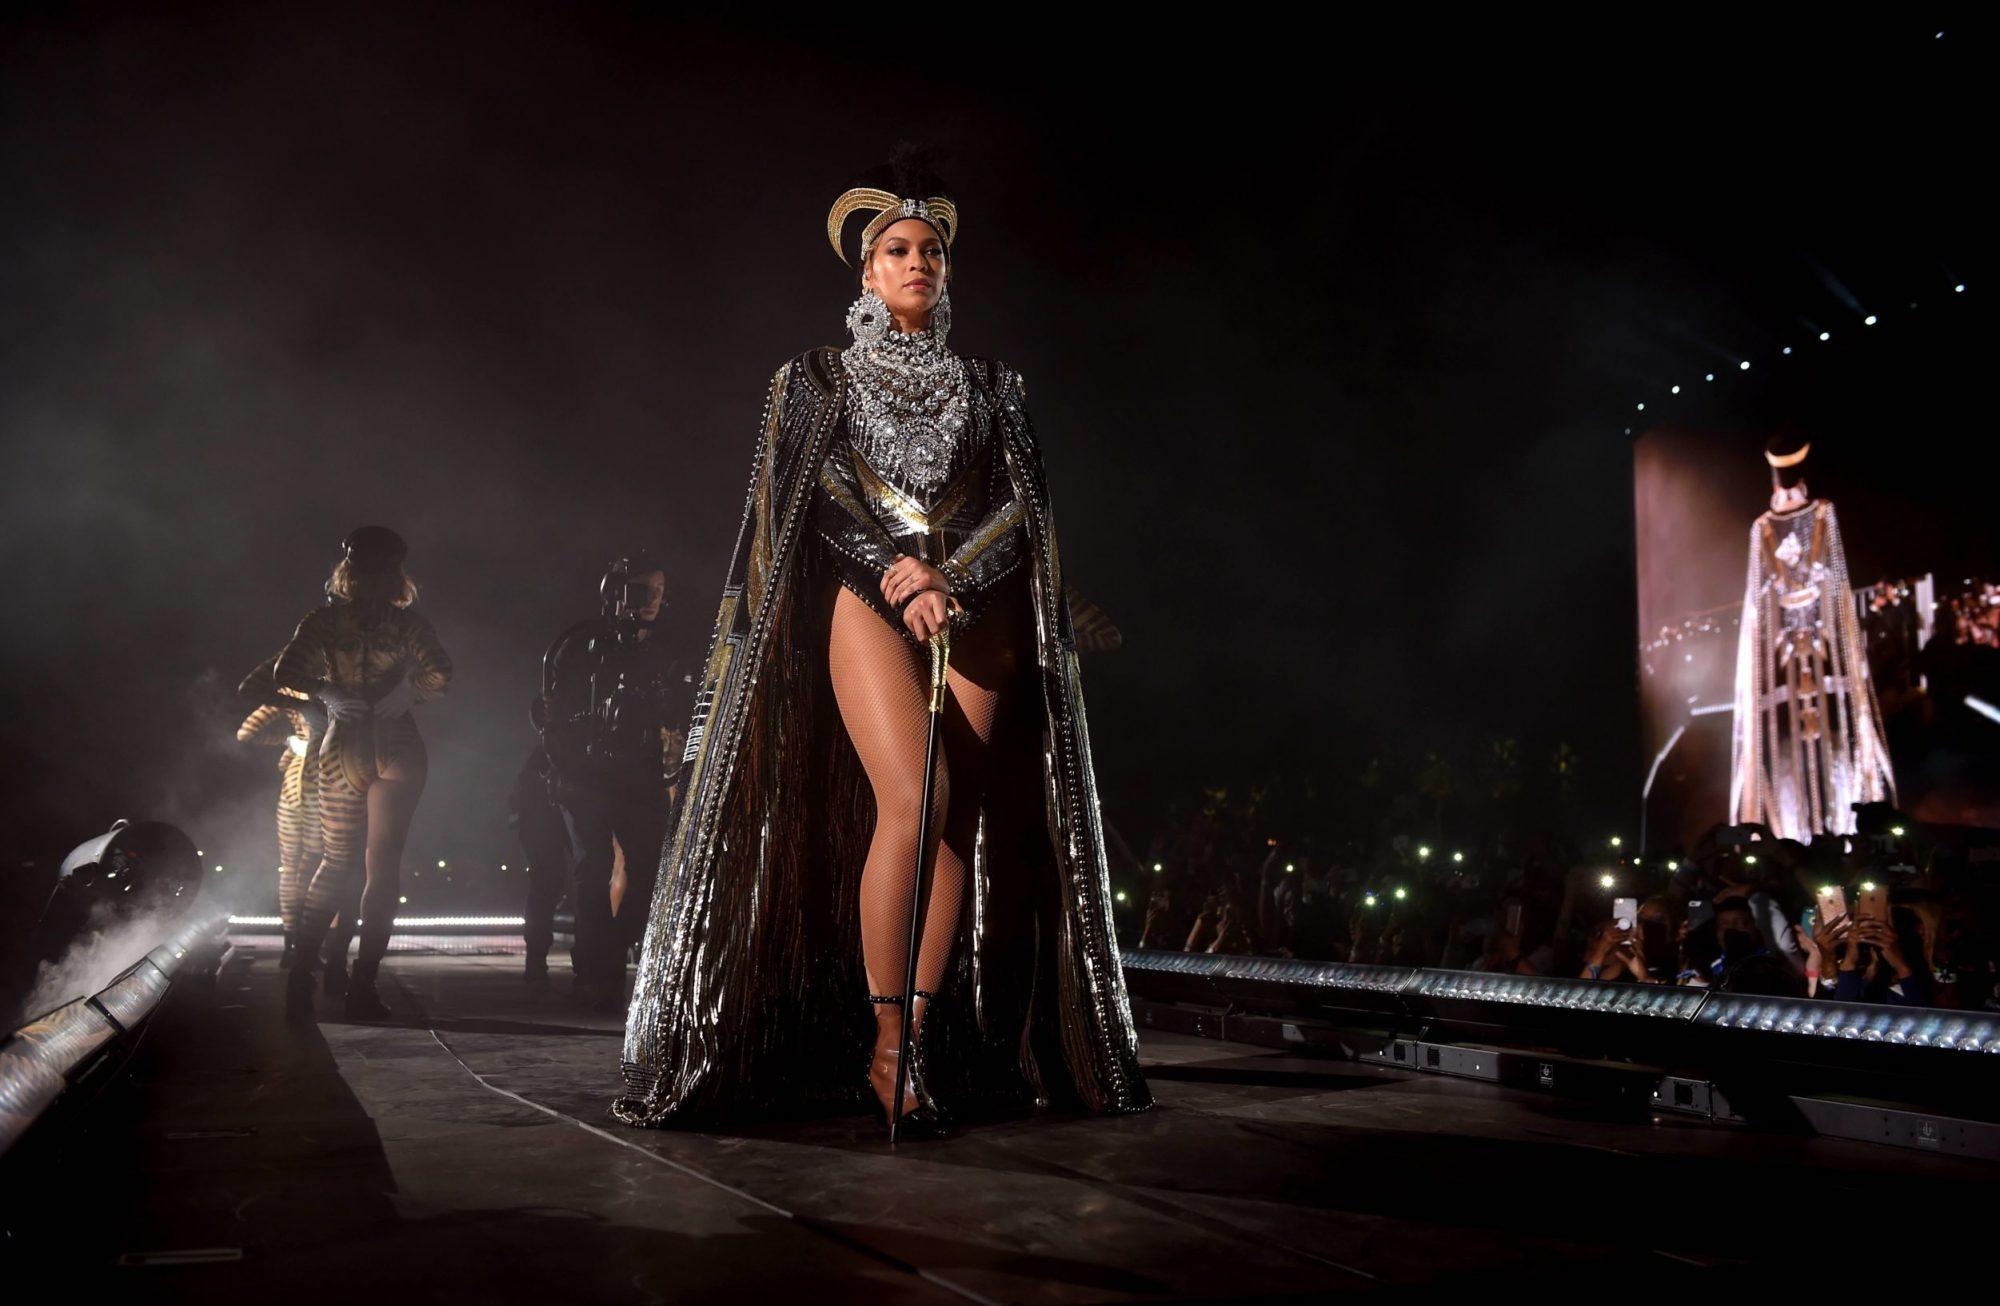 Photo of Beyoncé at Coachella